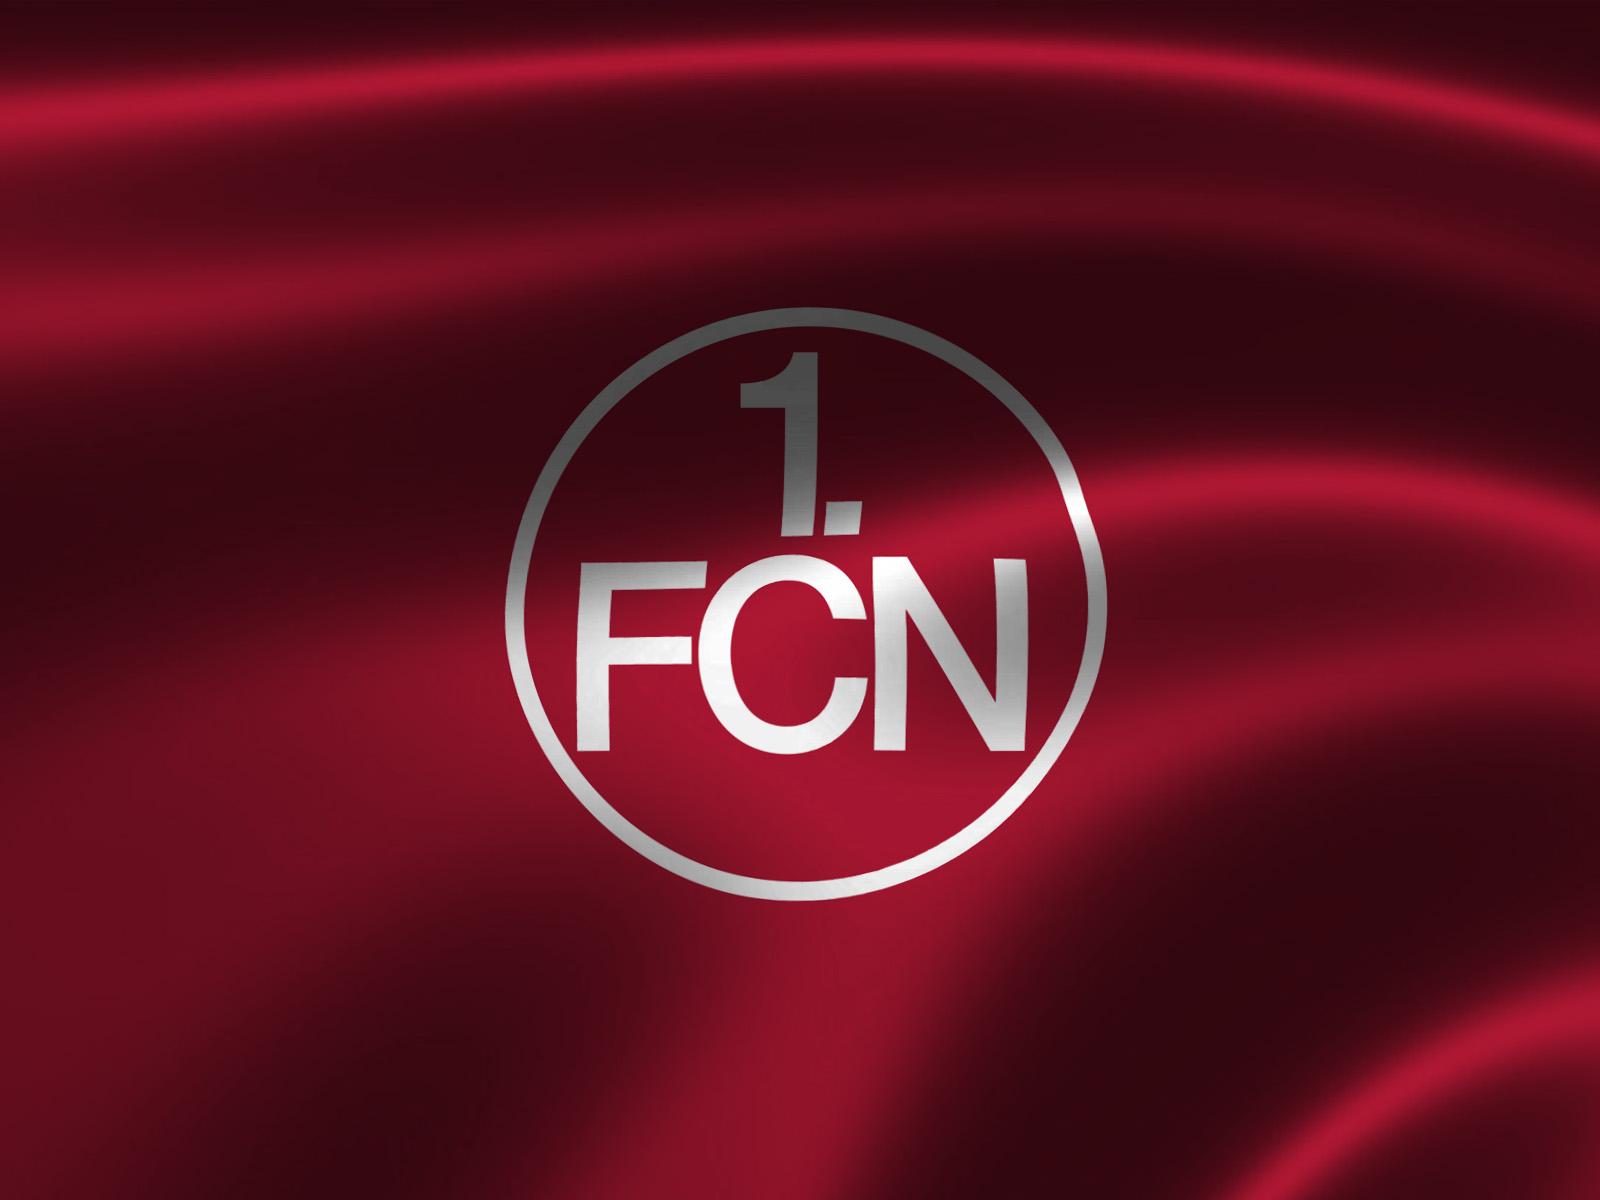 1 Fc Nürnberg Bild